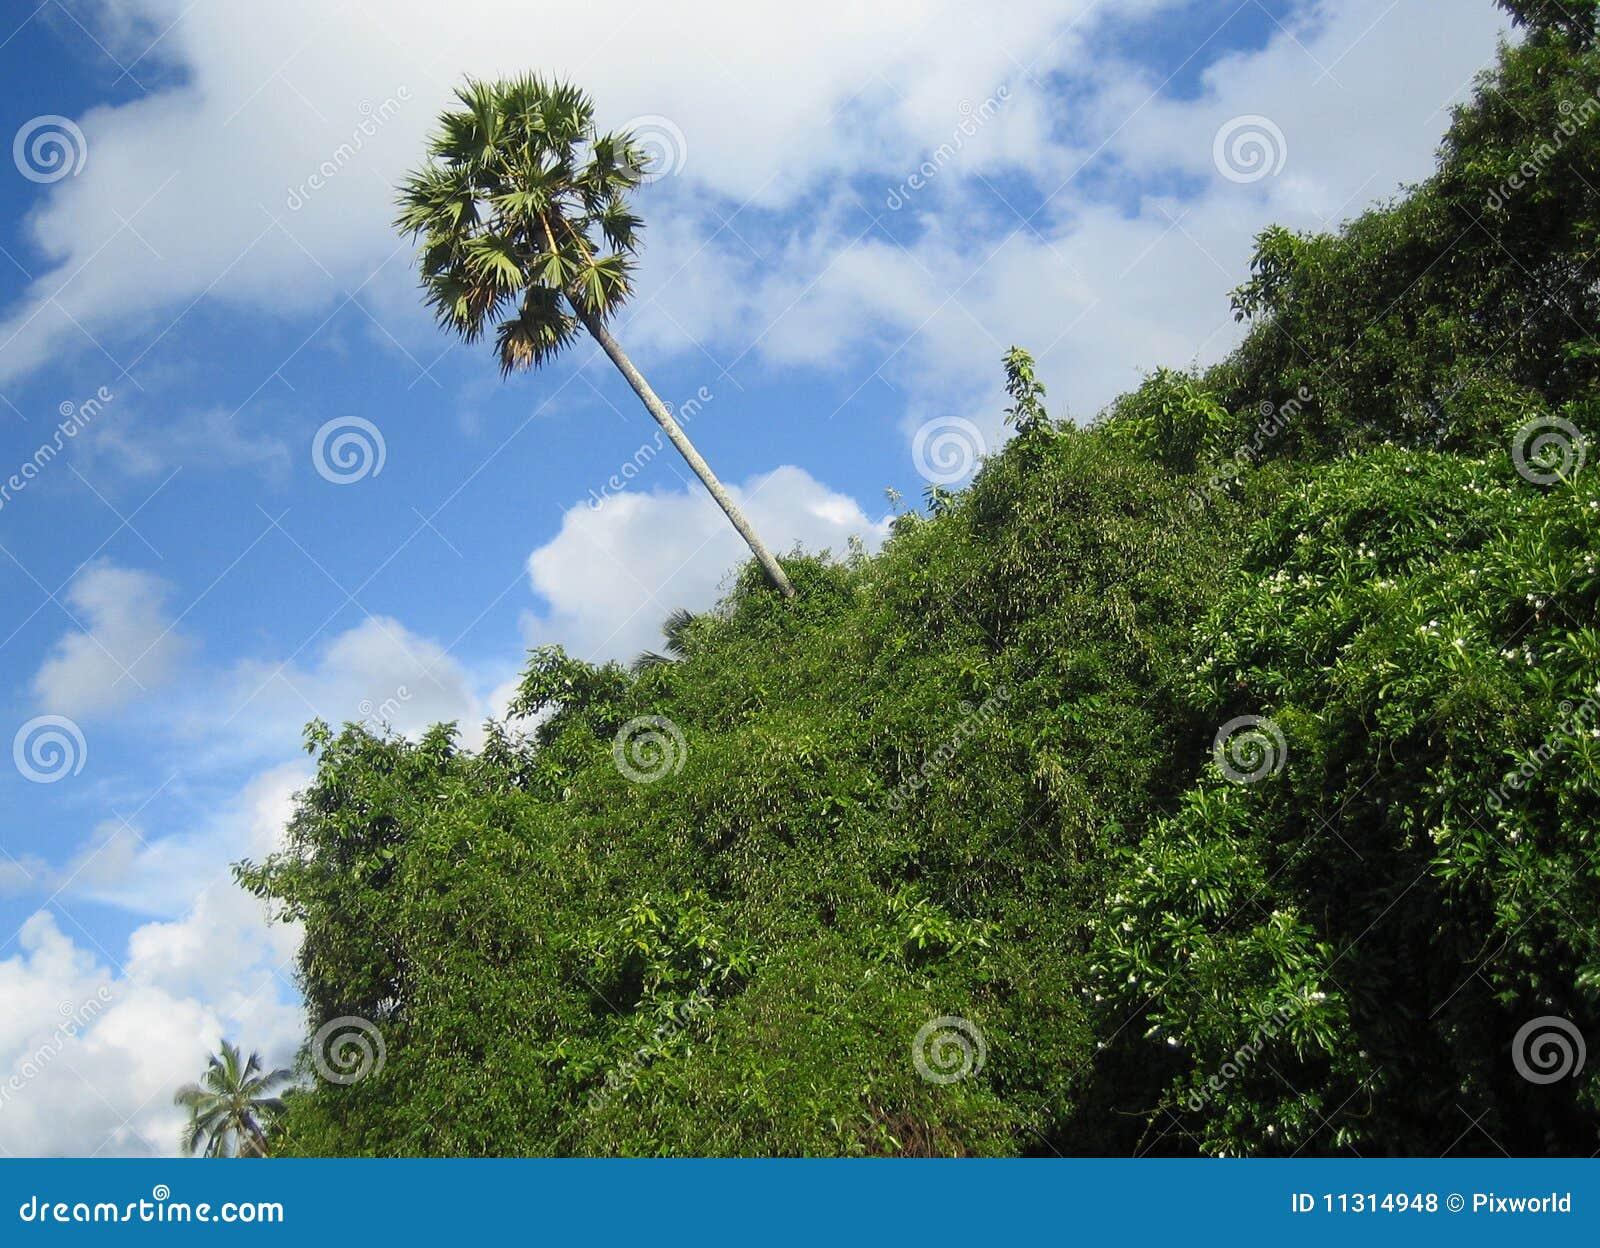 Einsamer tropischer Baum